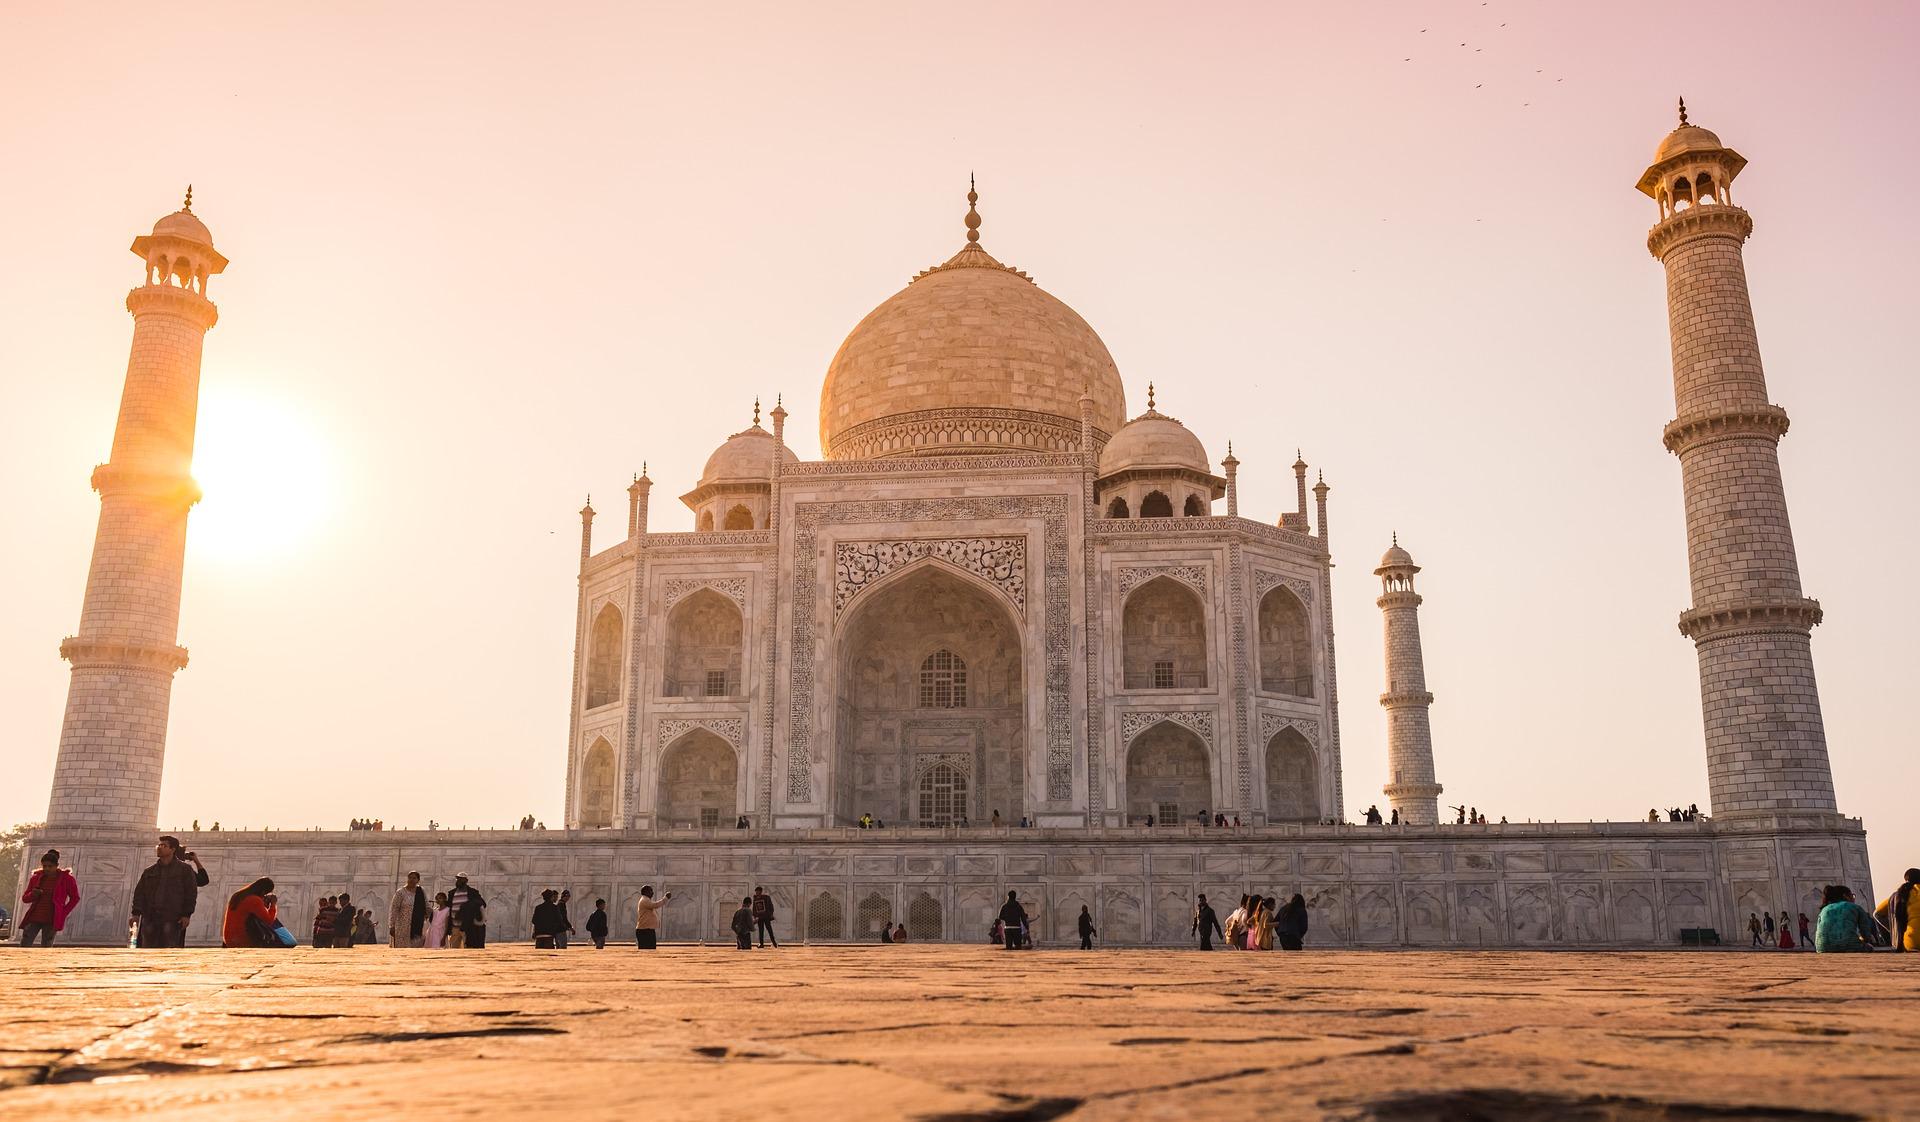 ทัวร์เอเชีย อินเดีย มหัศจรรย์ราชาสถาน 5 วัน 3 คืน บินตรงสายการบินการบินไทย (TG)